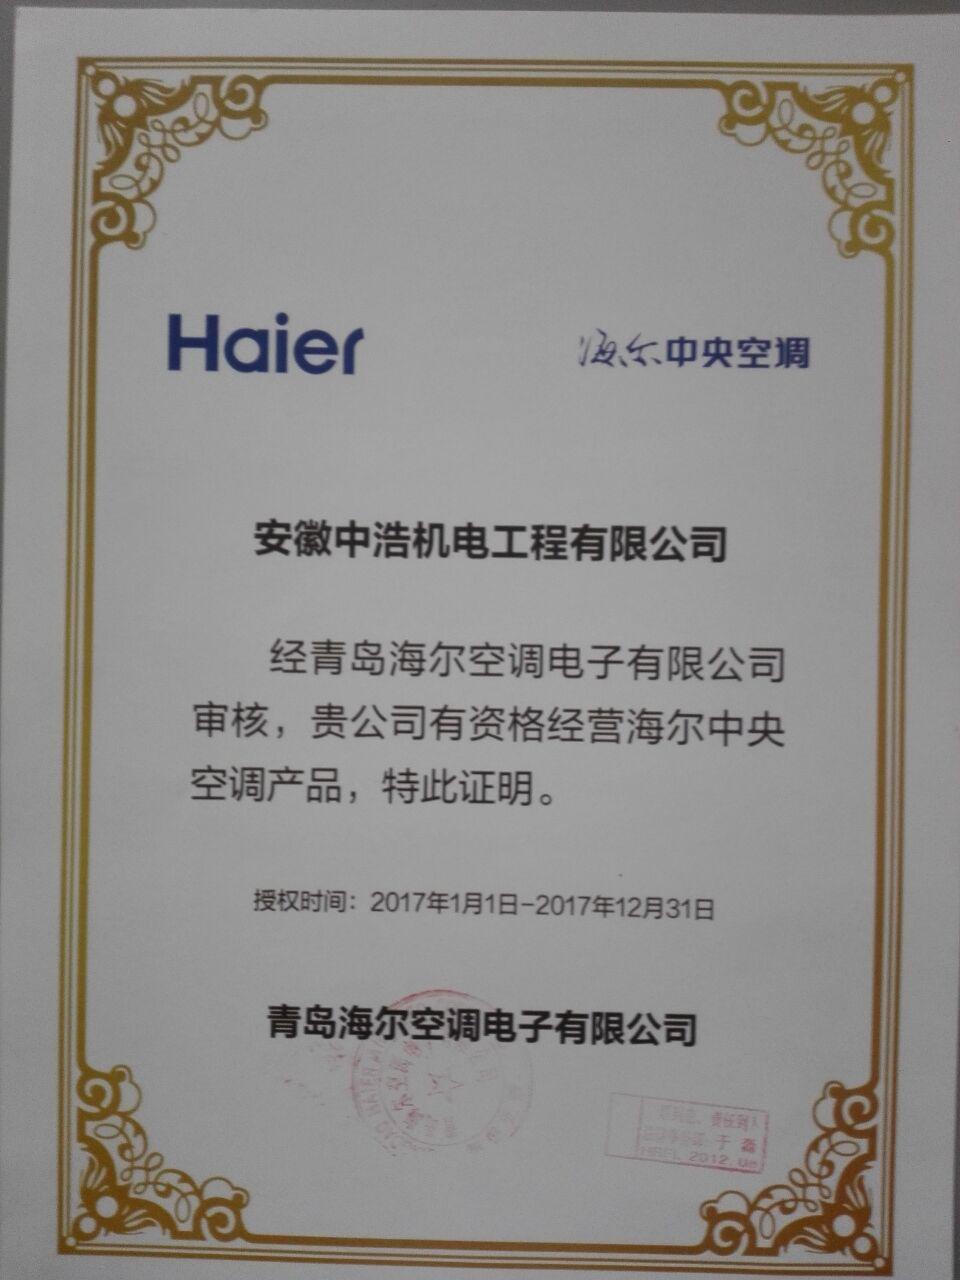 2017年海尔空调授权